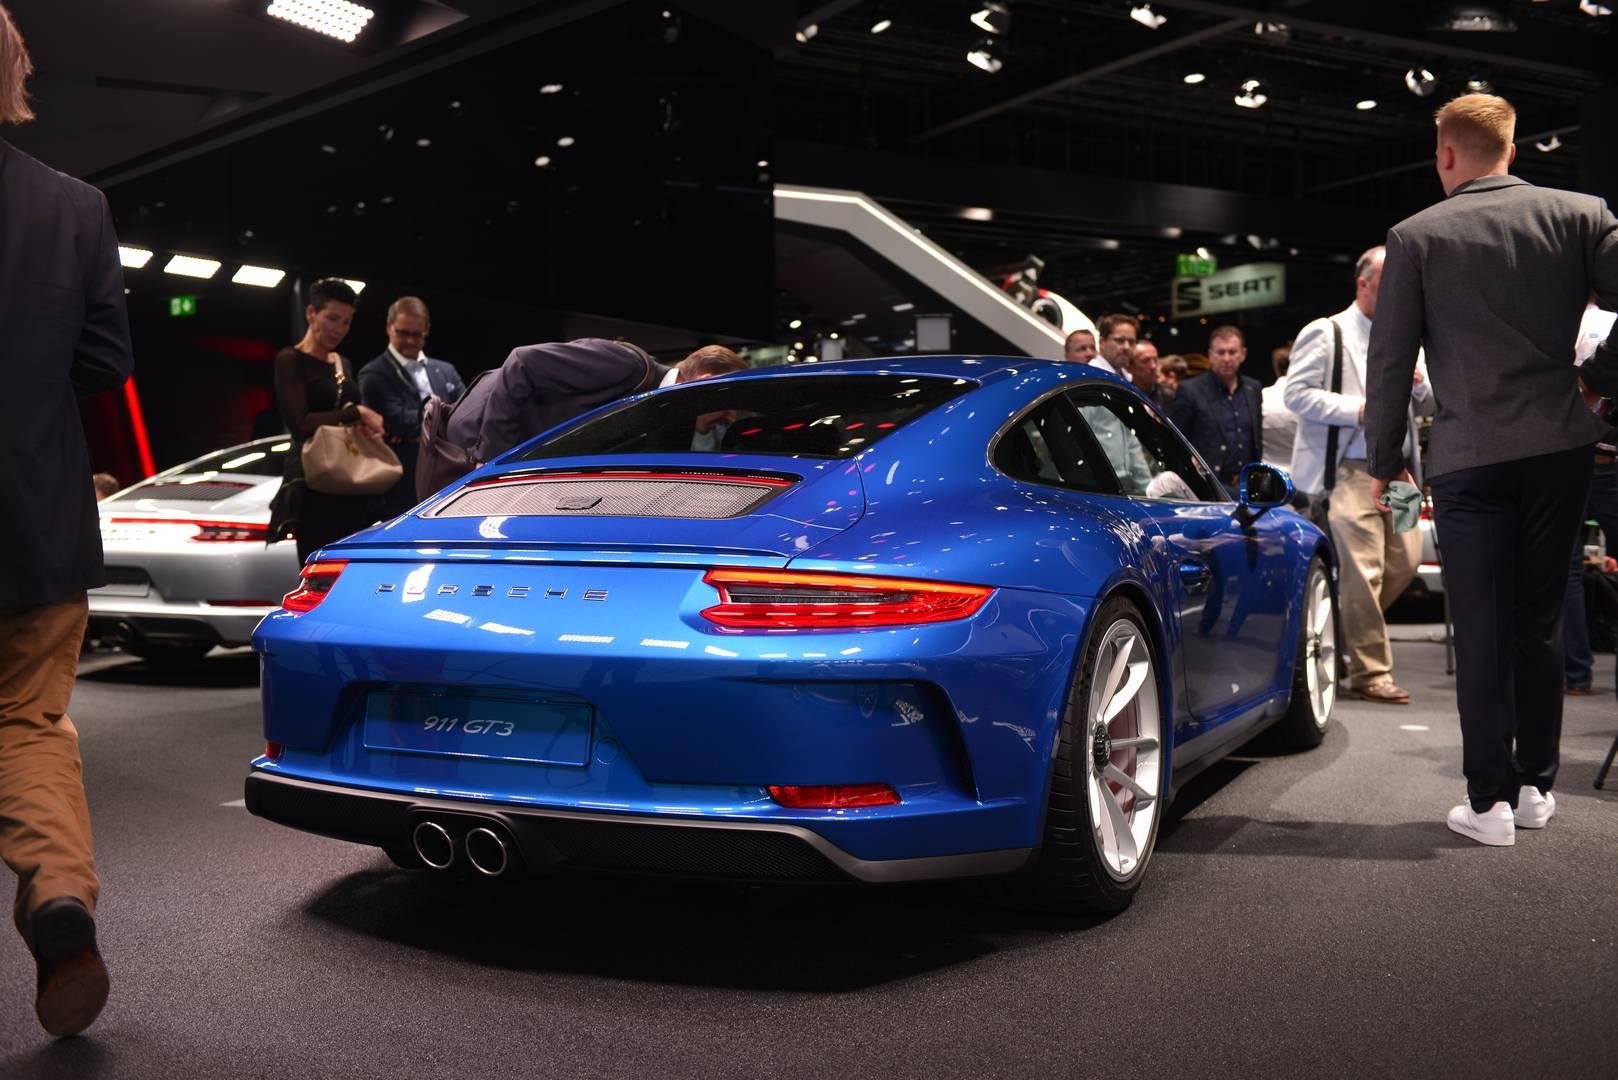 Глядя на успех Porsche 911 R, немецкий автопроизводитель выпустил к Франкфуртскому автосалону 2017 новый вариант для Porsche 911 GT3 - Touring Package.